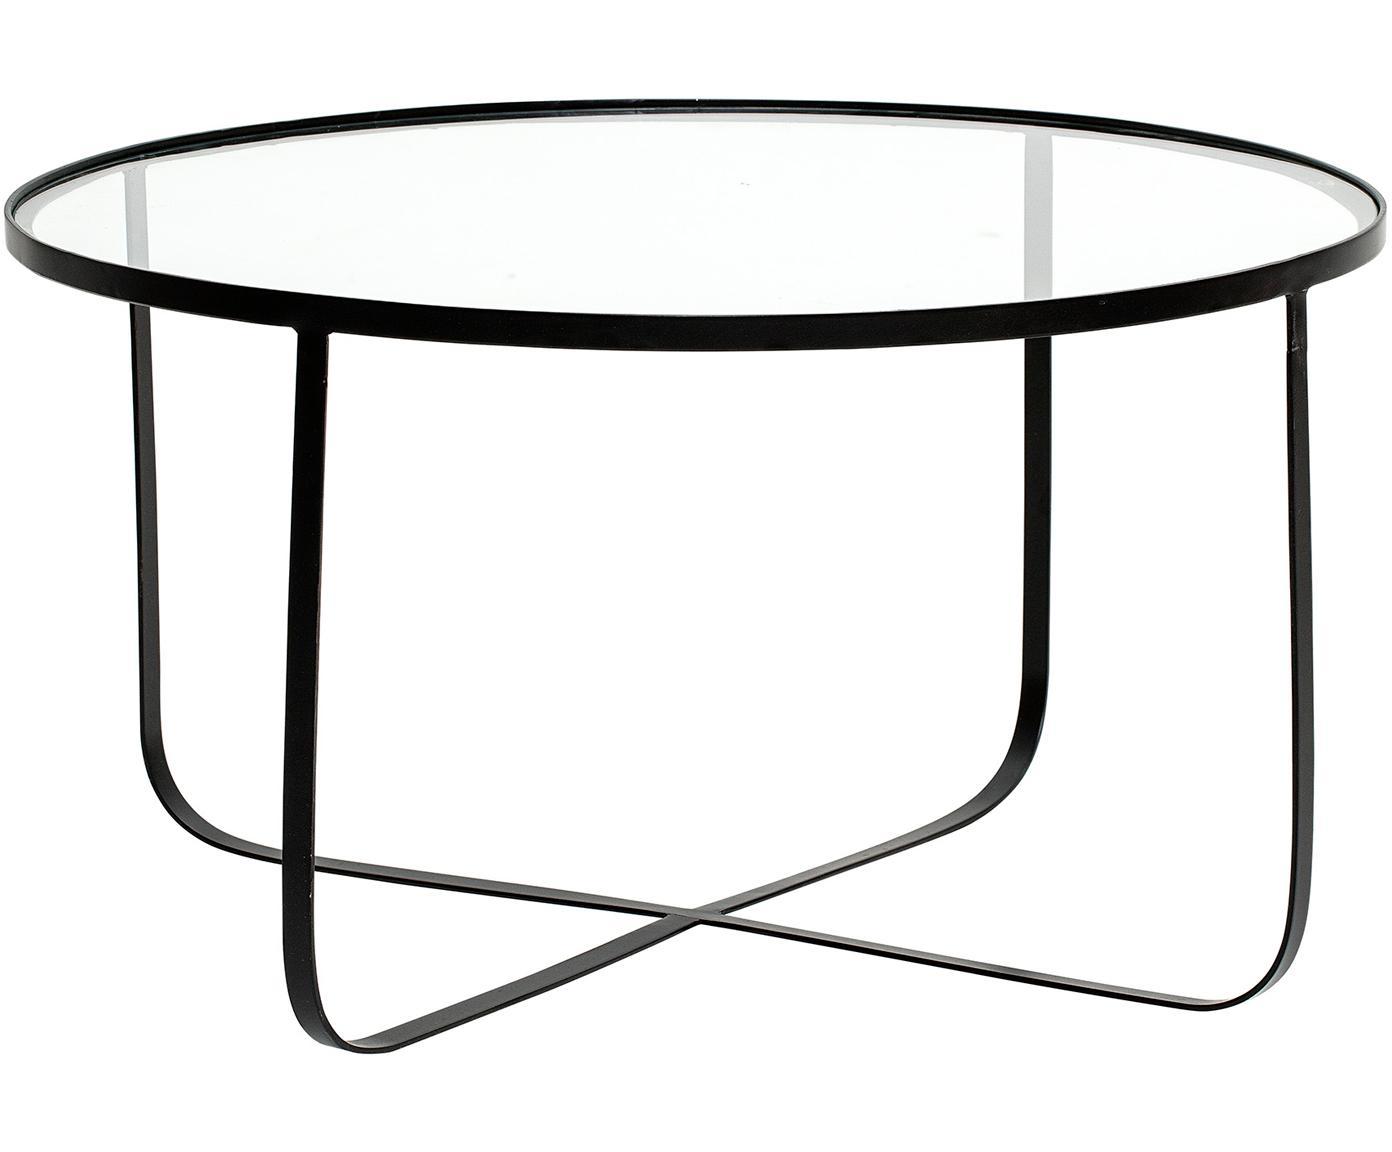 Metall-Couchtisch Harper mit Glasplatte, Gestell: Metall, pulverbeschichtet, Tischplatte: Glas, Schwarz, Ø 80 x H 43 cm